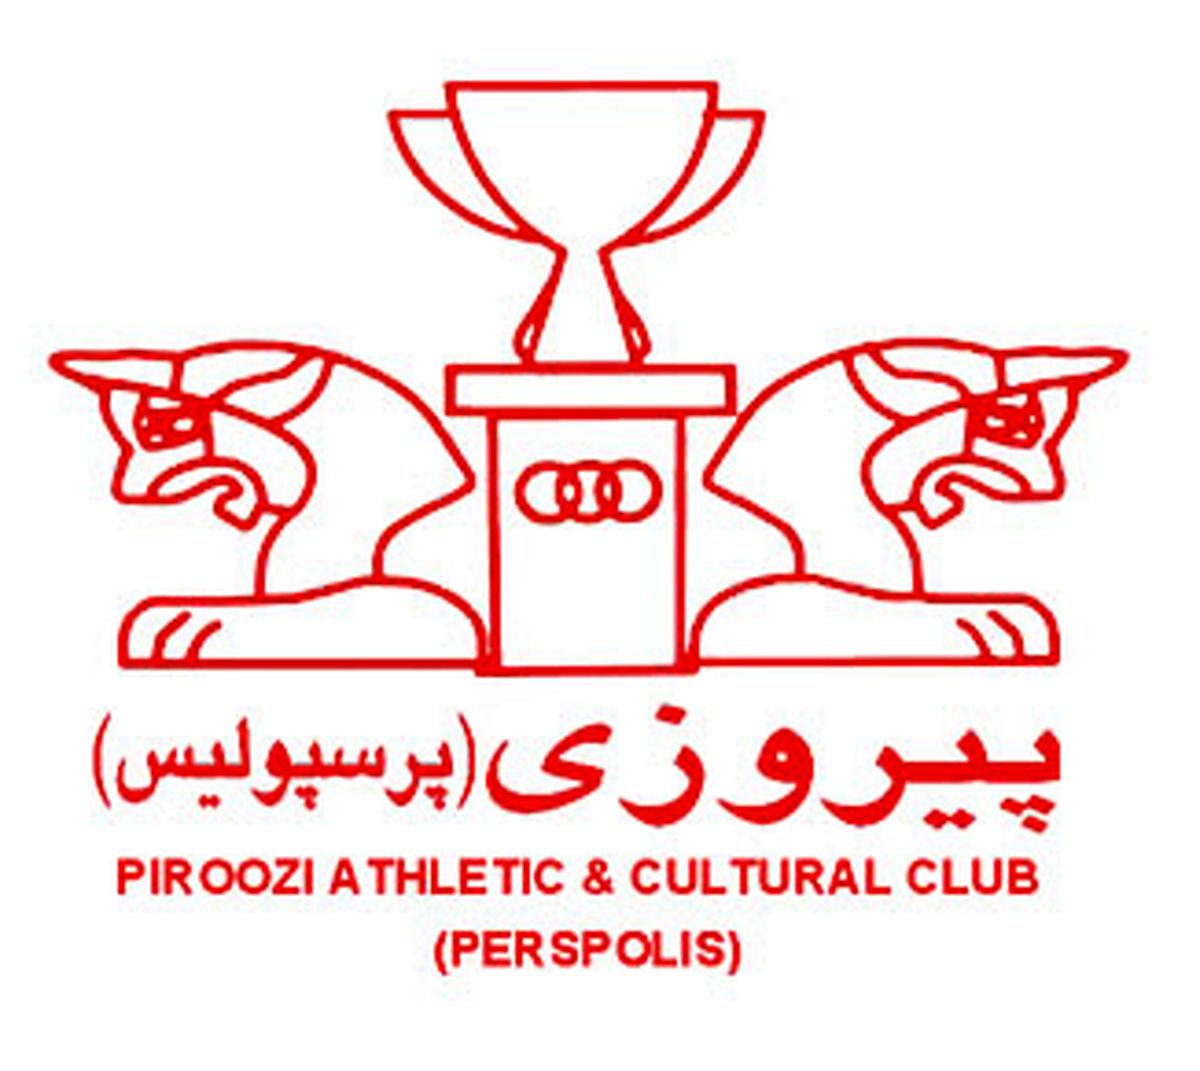 بيانيه باشگاه پرسپوليس خطاب به هواداران اين تيم